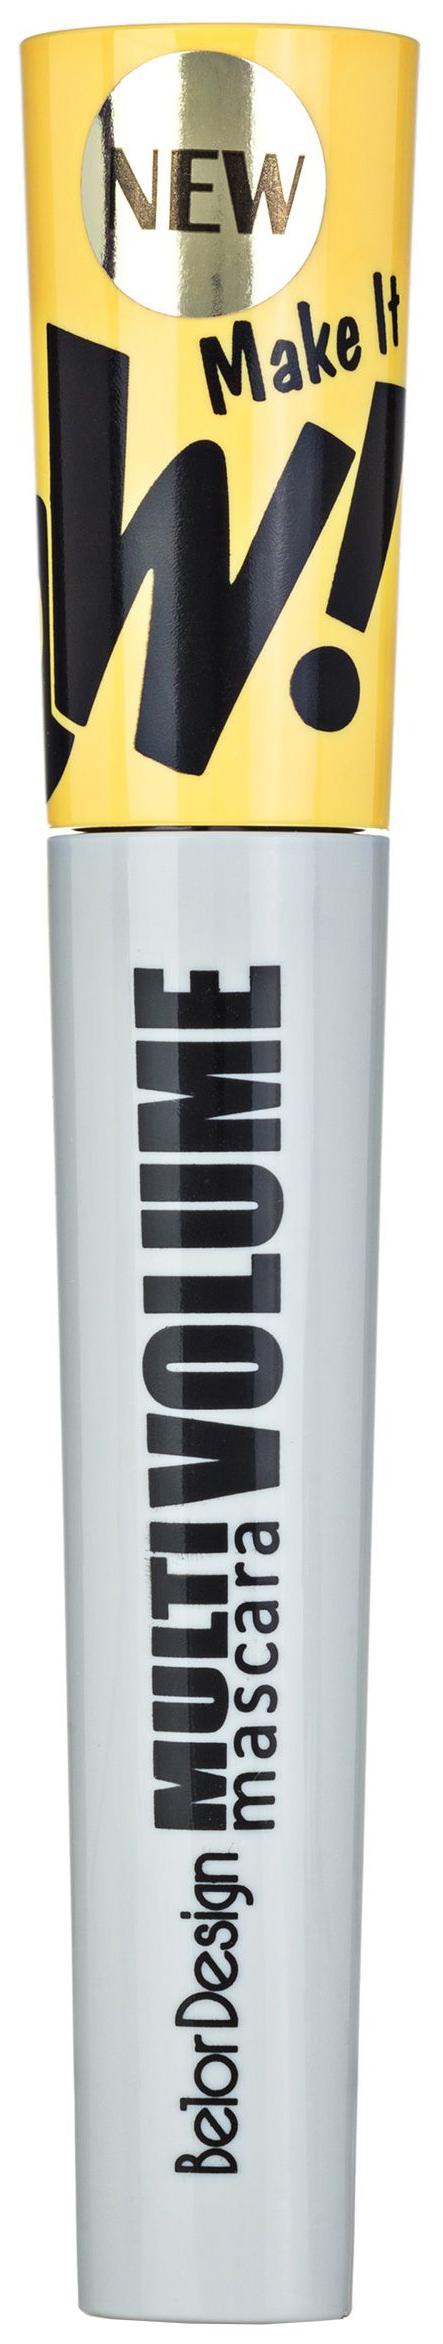 Купить Тушь для ресниц Belor Design Make It WOW! Multi Volume Mascara Черный 11, 8 г, Belordesign